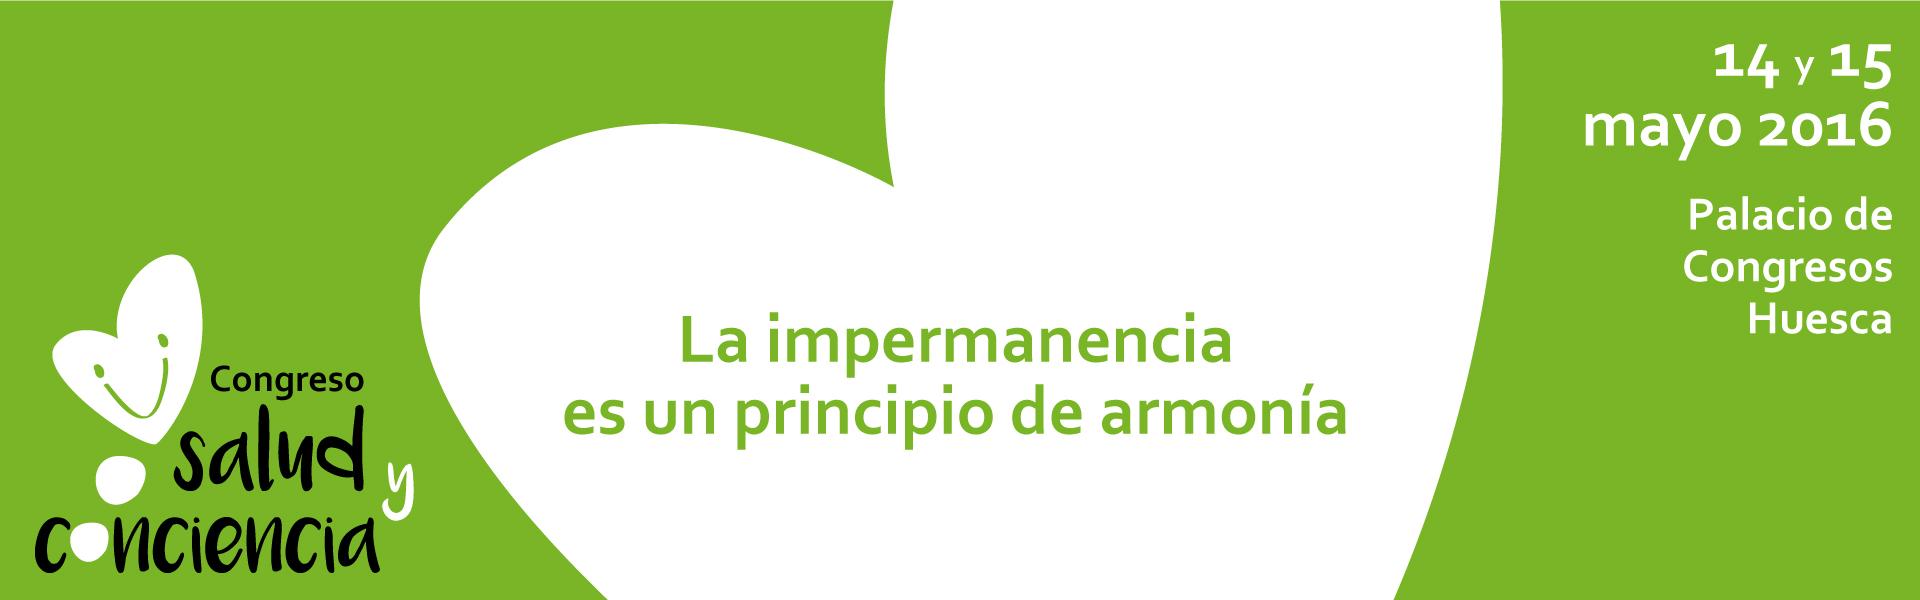 CONGRESO-SALUD-Y-CONCIENCIA-banner-4